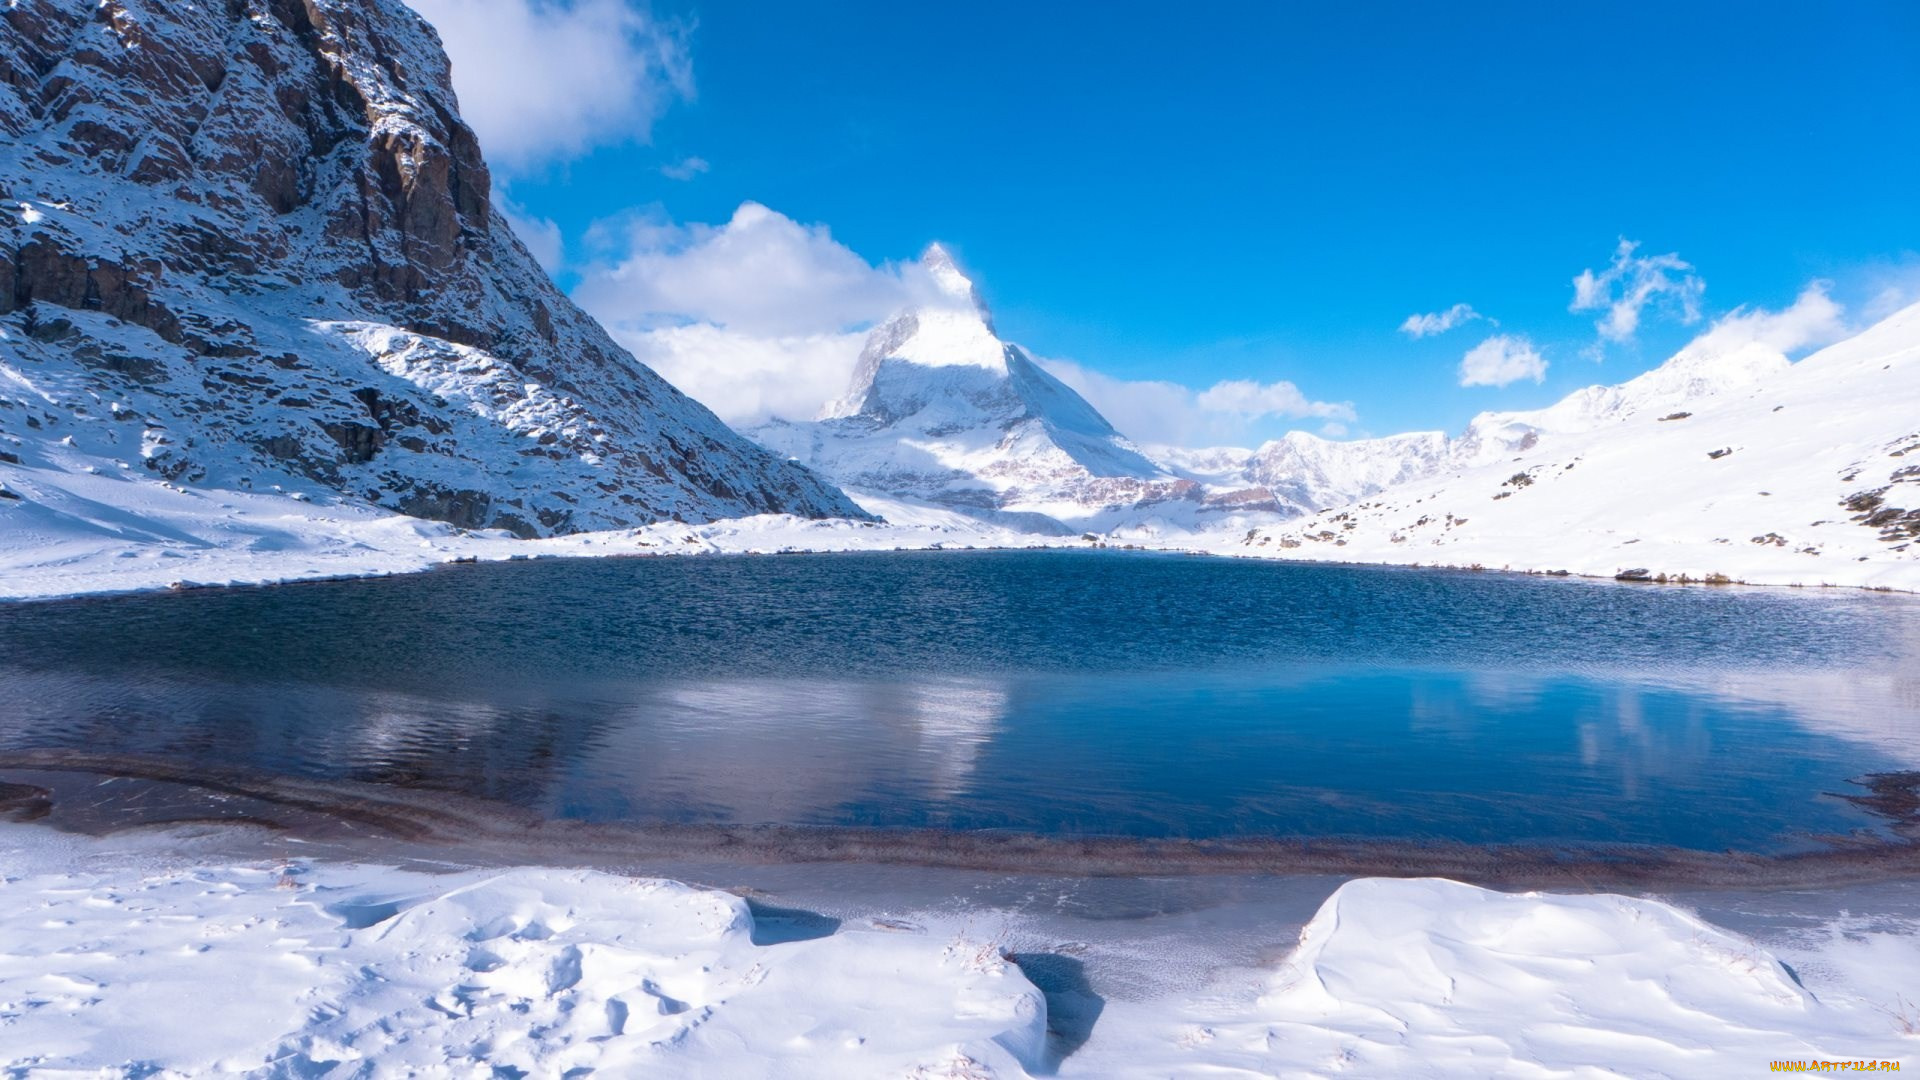 озеро снег гора the lake snow mountain на телефон